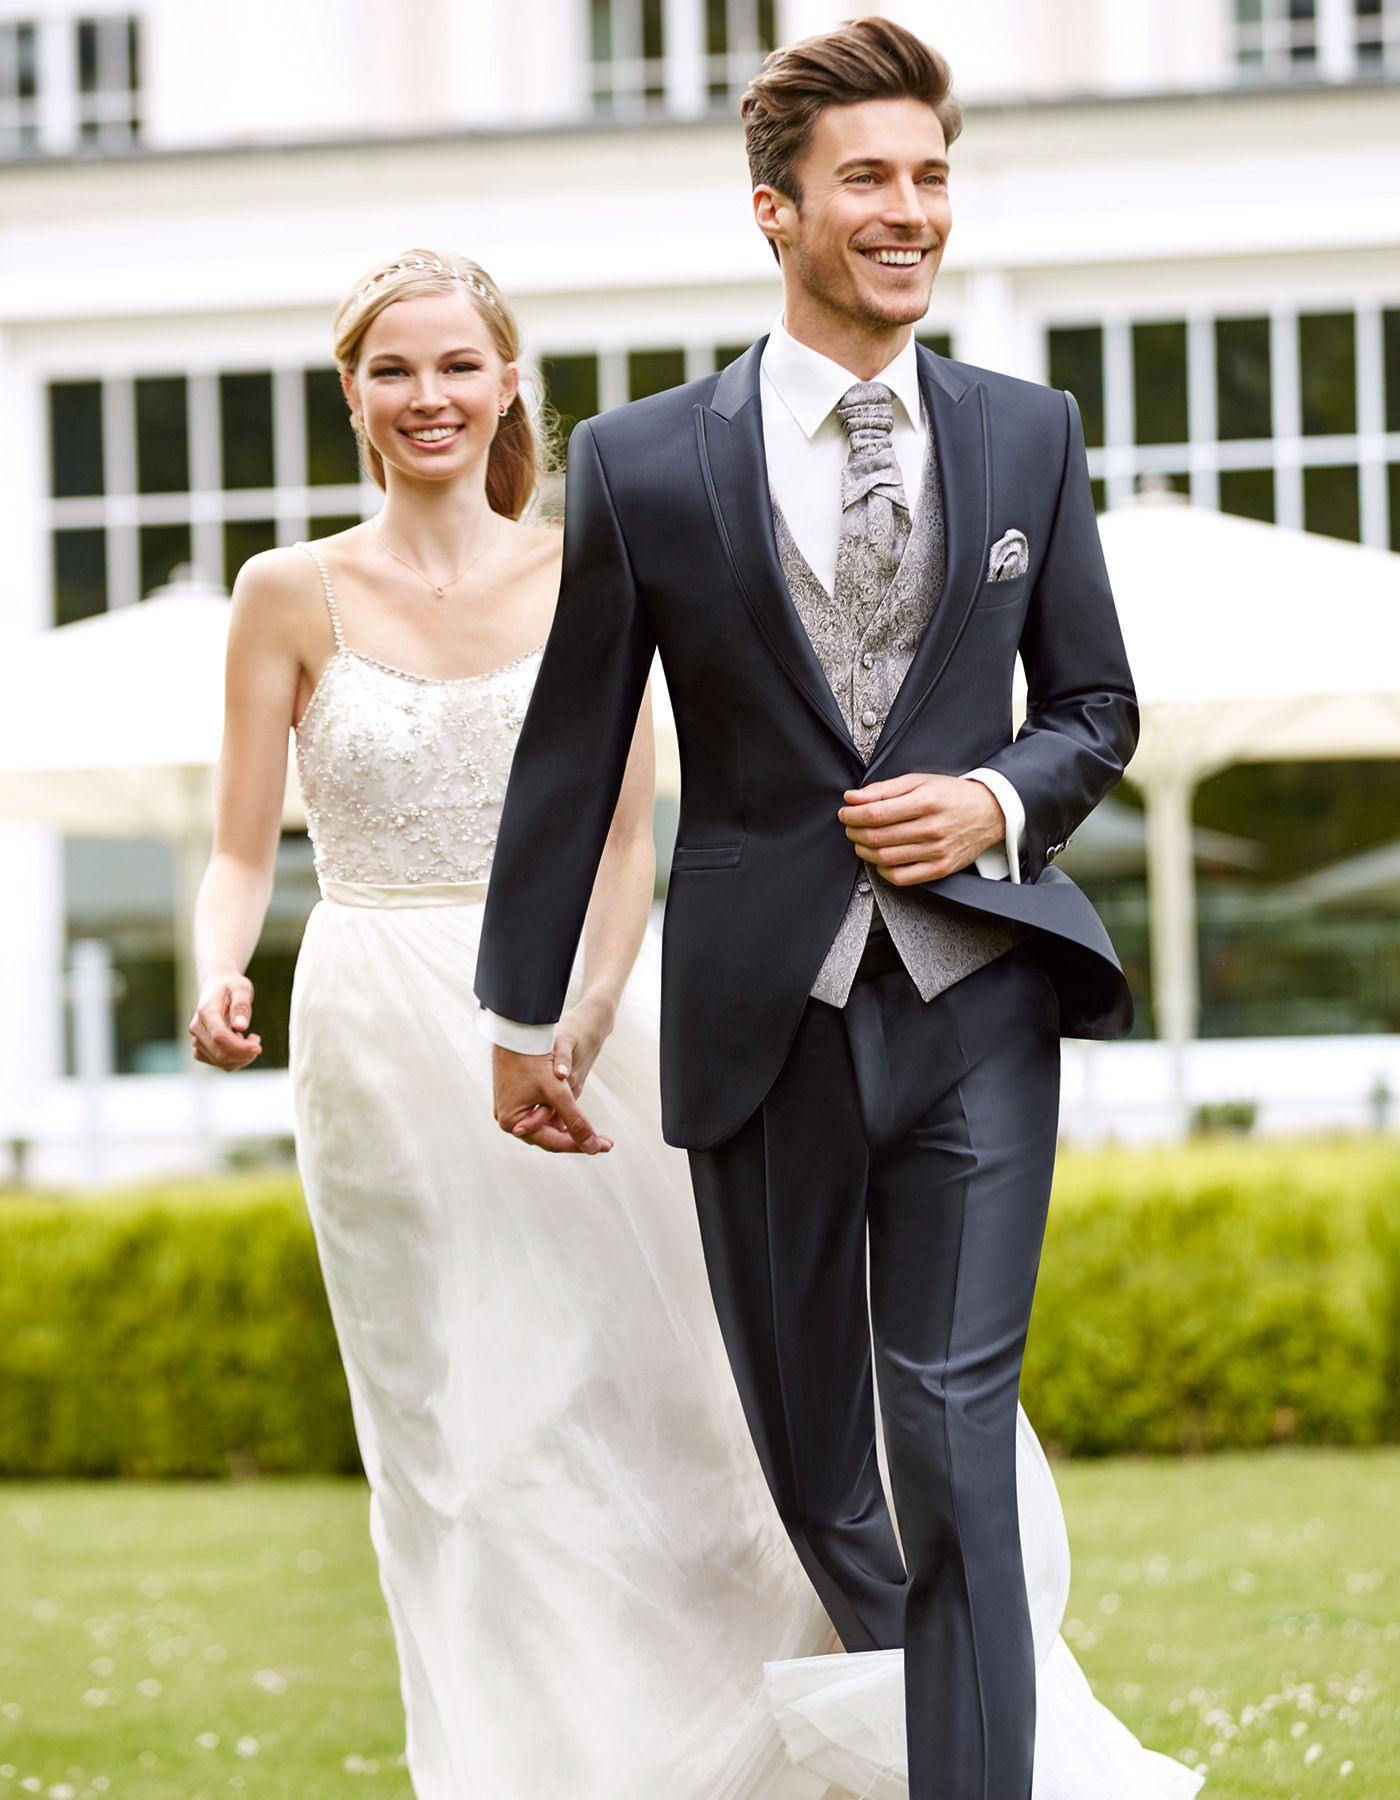 Herrenmode - Mariage Neustadt | Anzug Hochzeit, Hochzeit